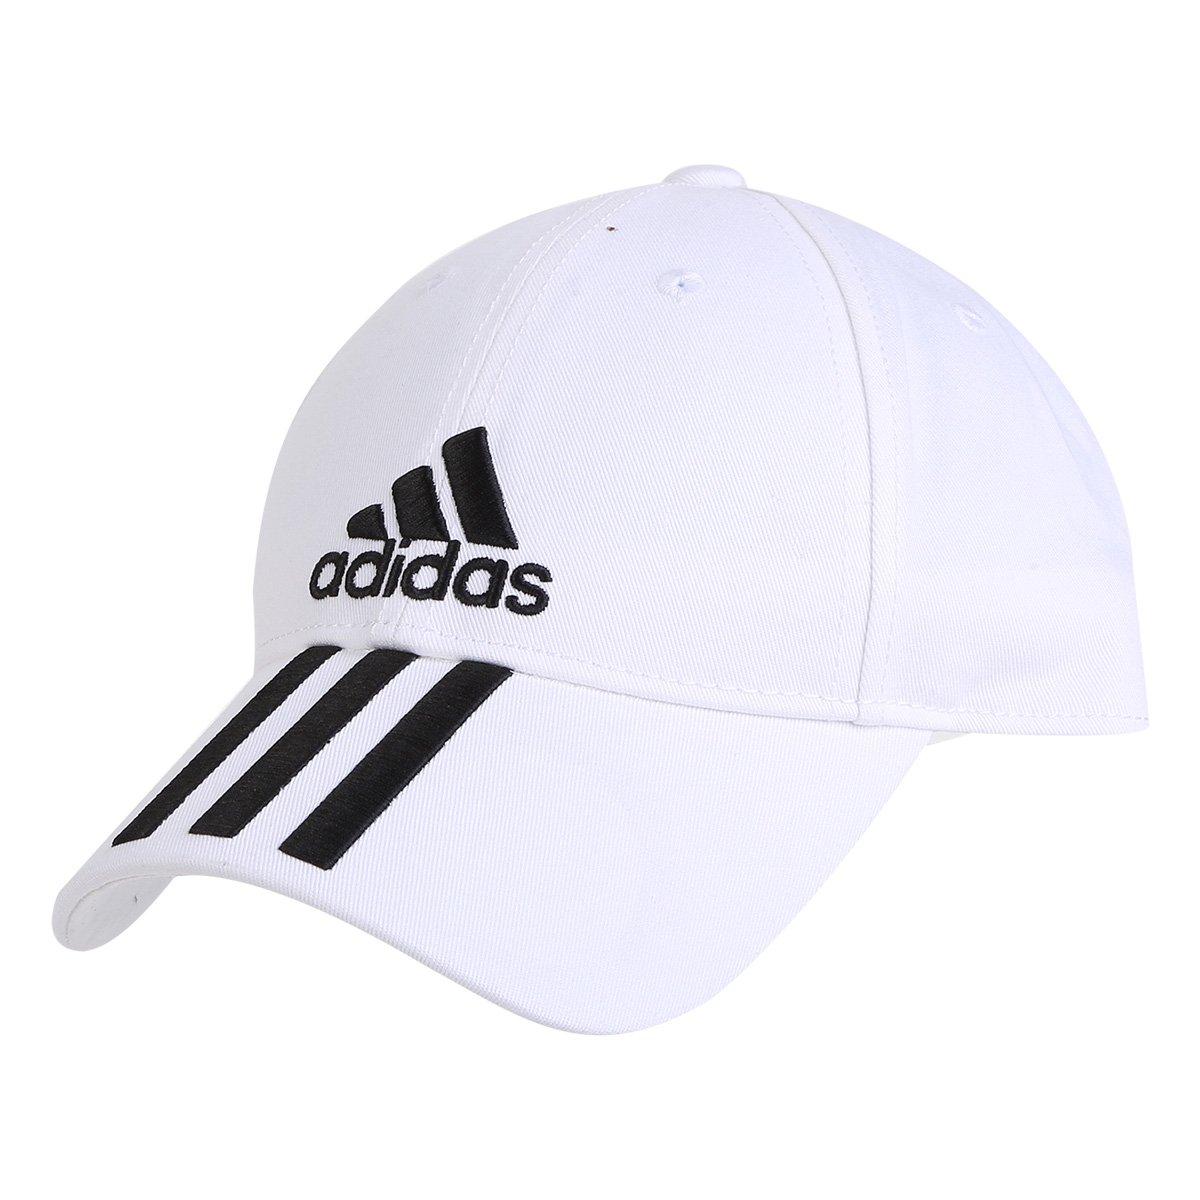 5e6040dce79b5 Boné Adidas Ess 3 Stripes Cotton Aba Curva | Livelo -Sua Vida com ...